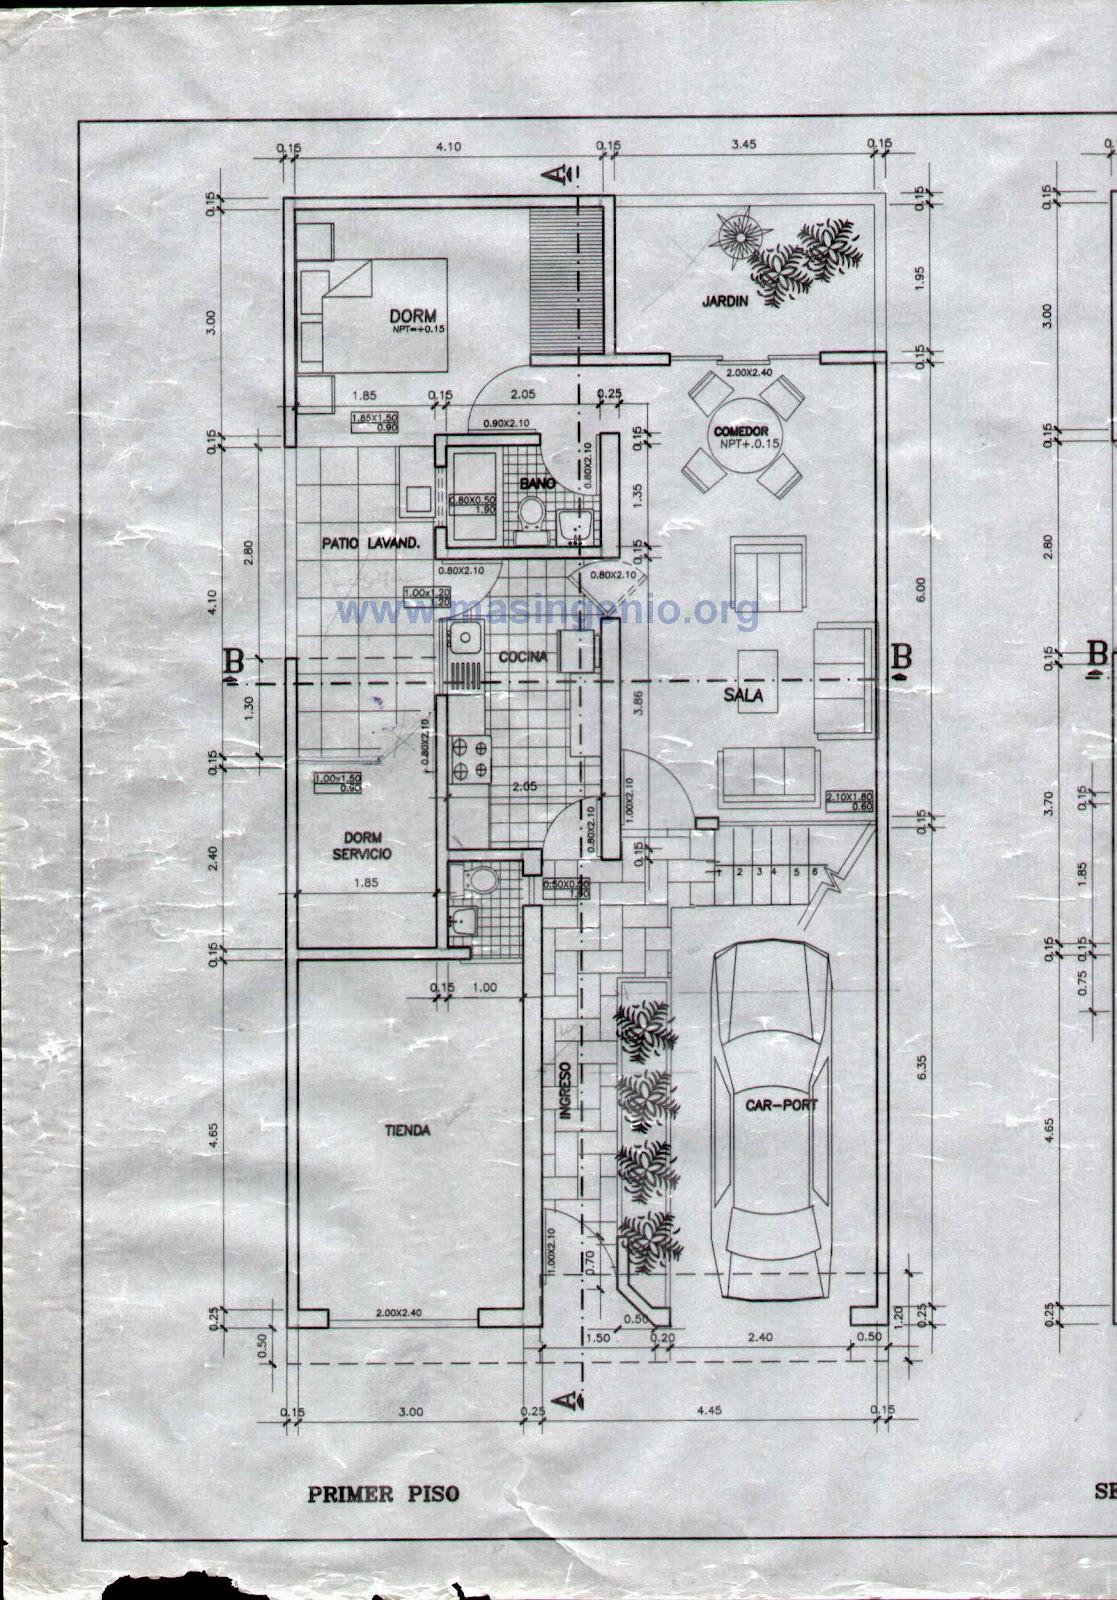 Paginas para disear casas planta baja este el el plano de for Pagina para hacer planos gratis